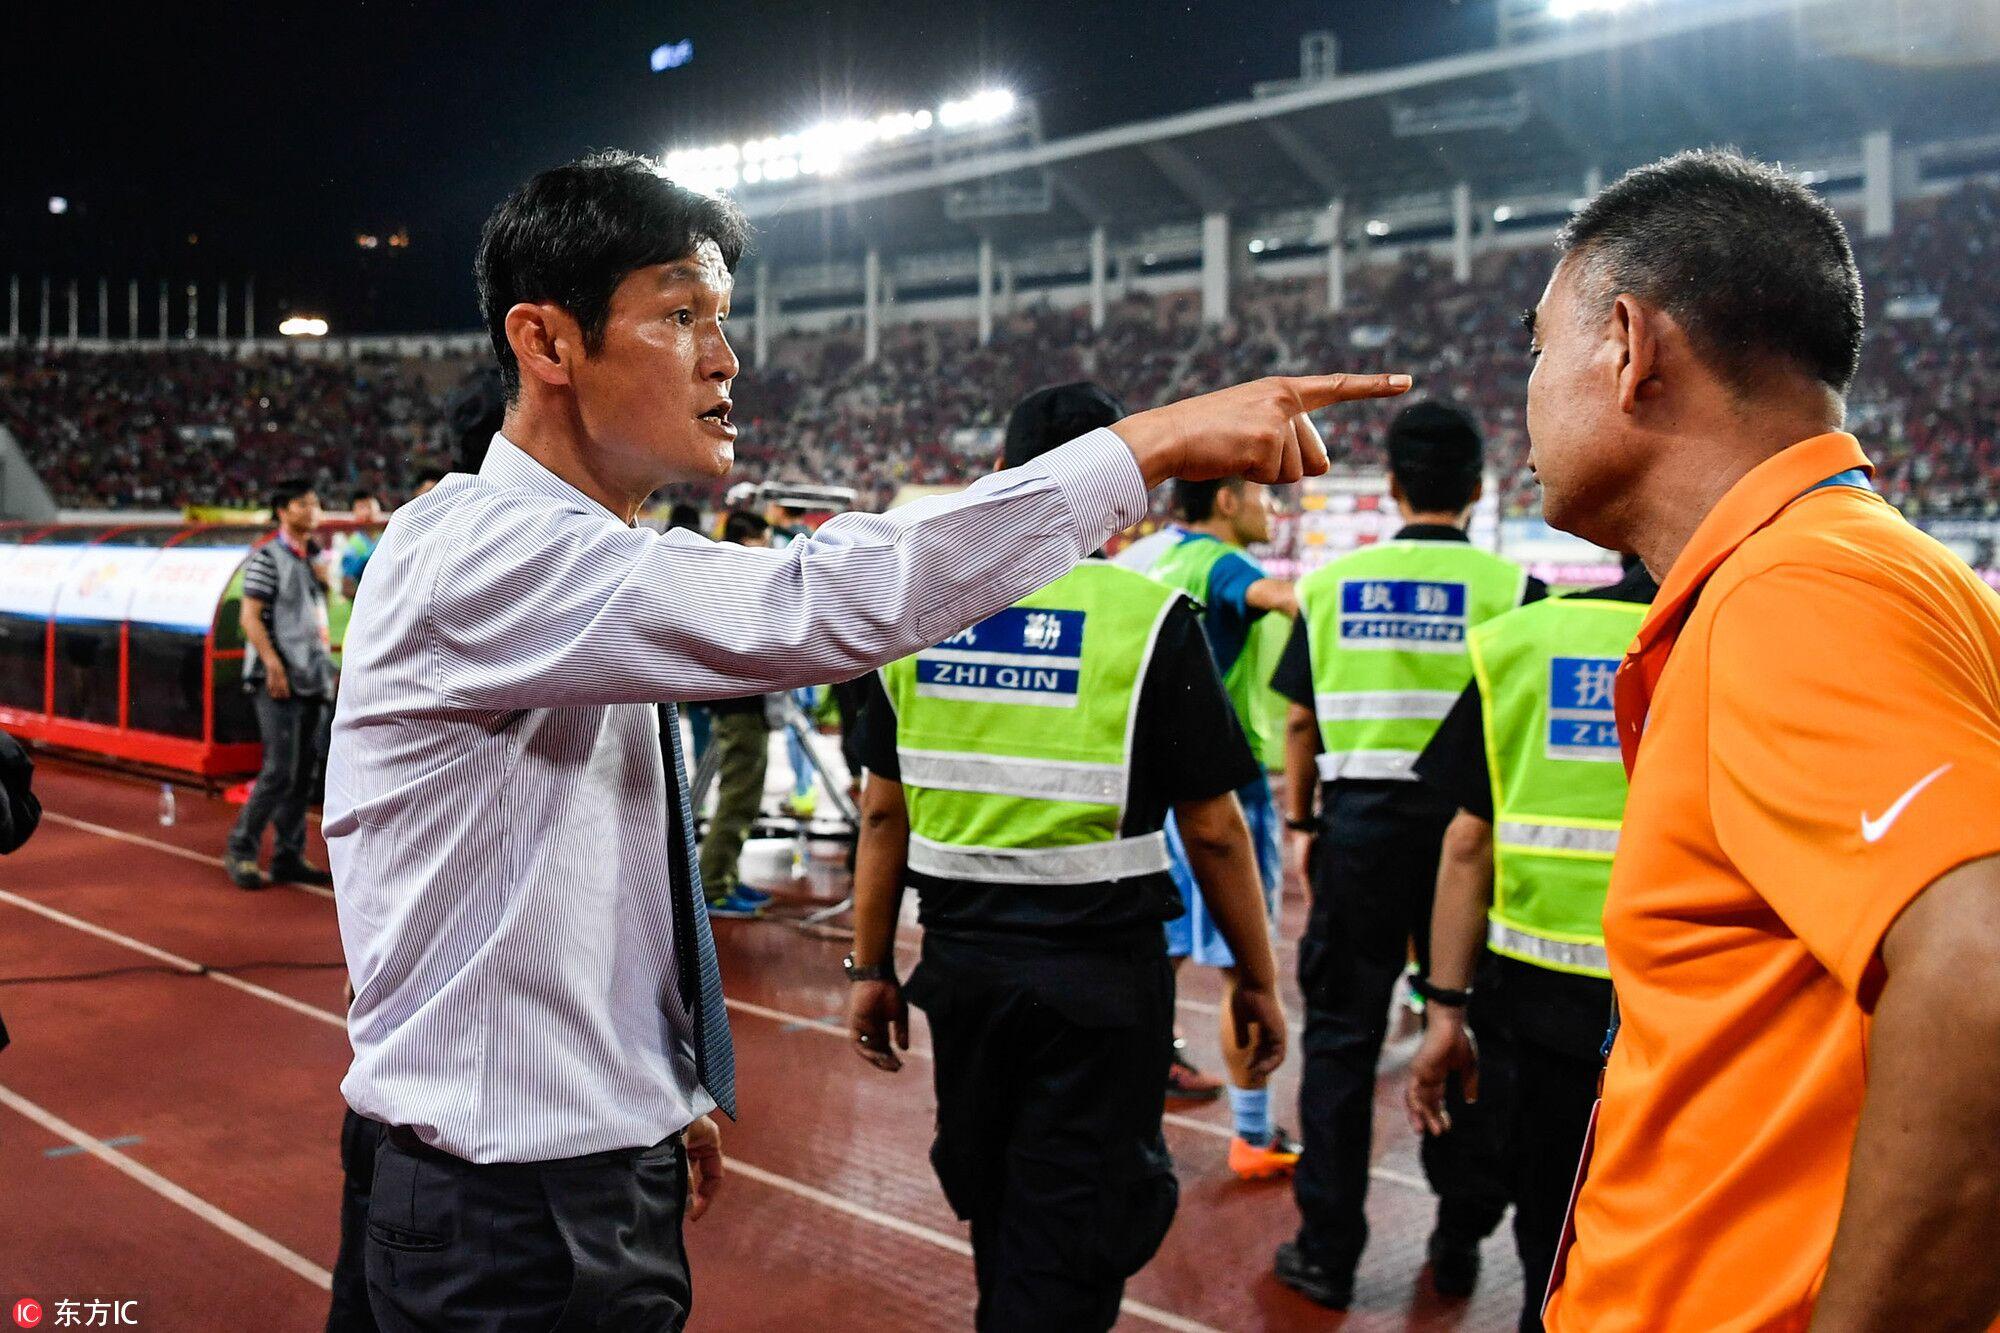 崔龙洙:恒大经验非常丰富,亚冠会用最强阵出战